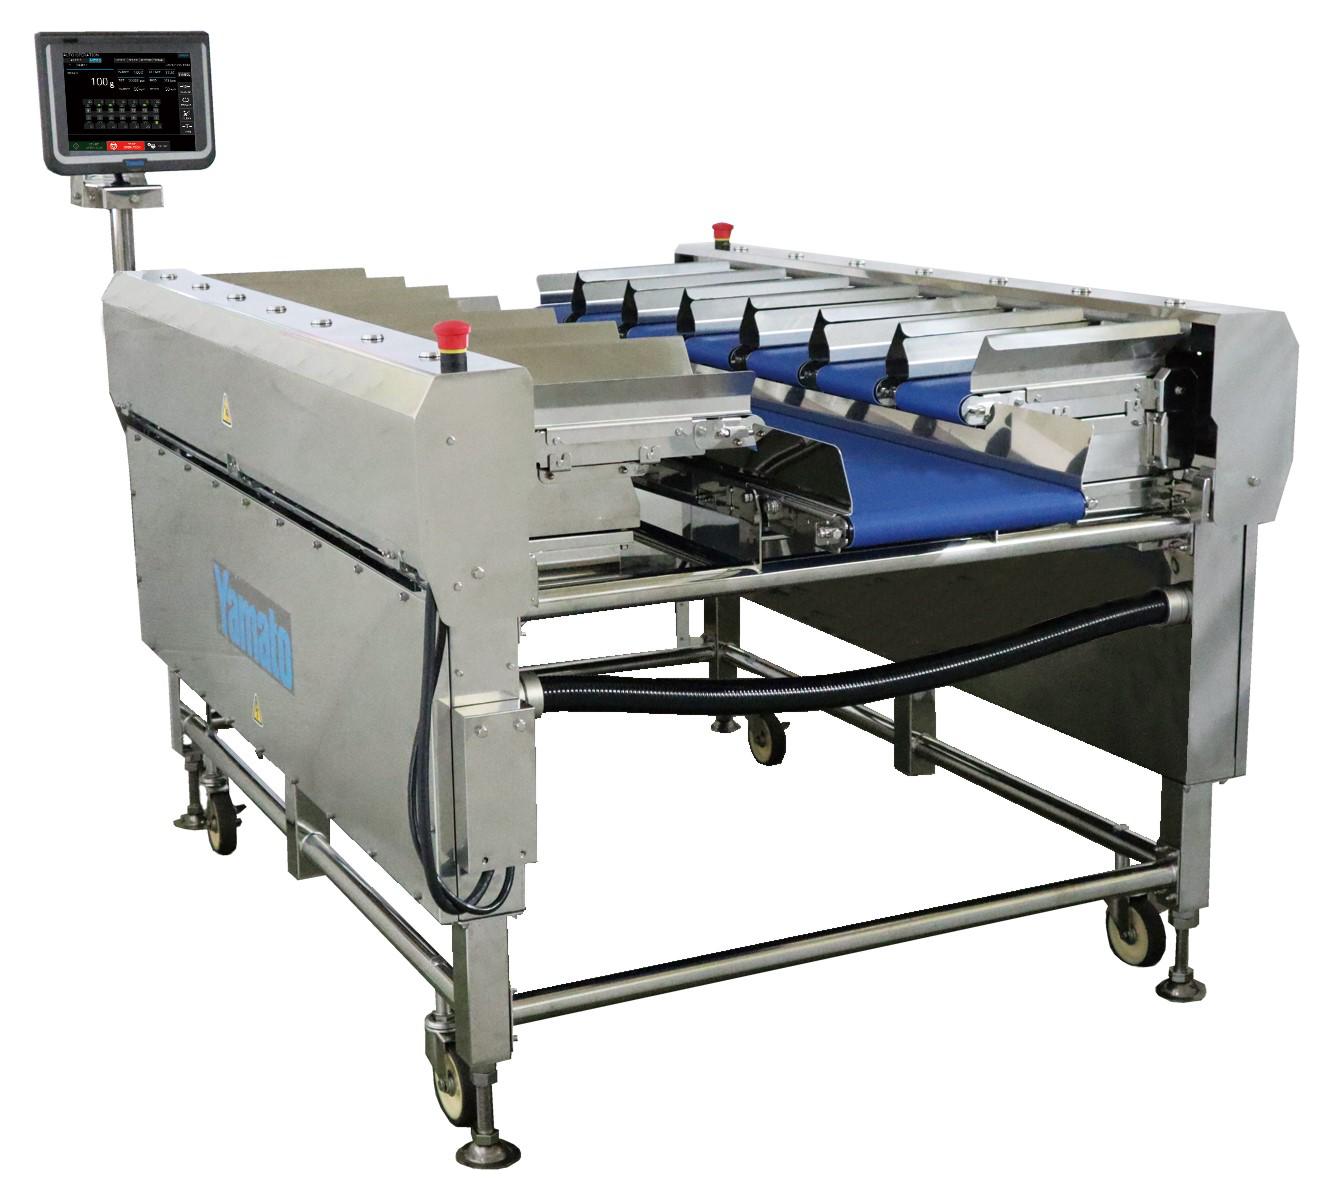 Tabletop semi-automatic dataweigher (TSDW)